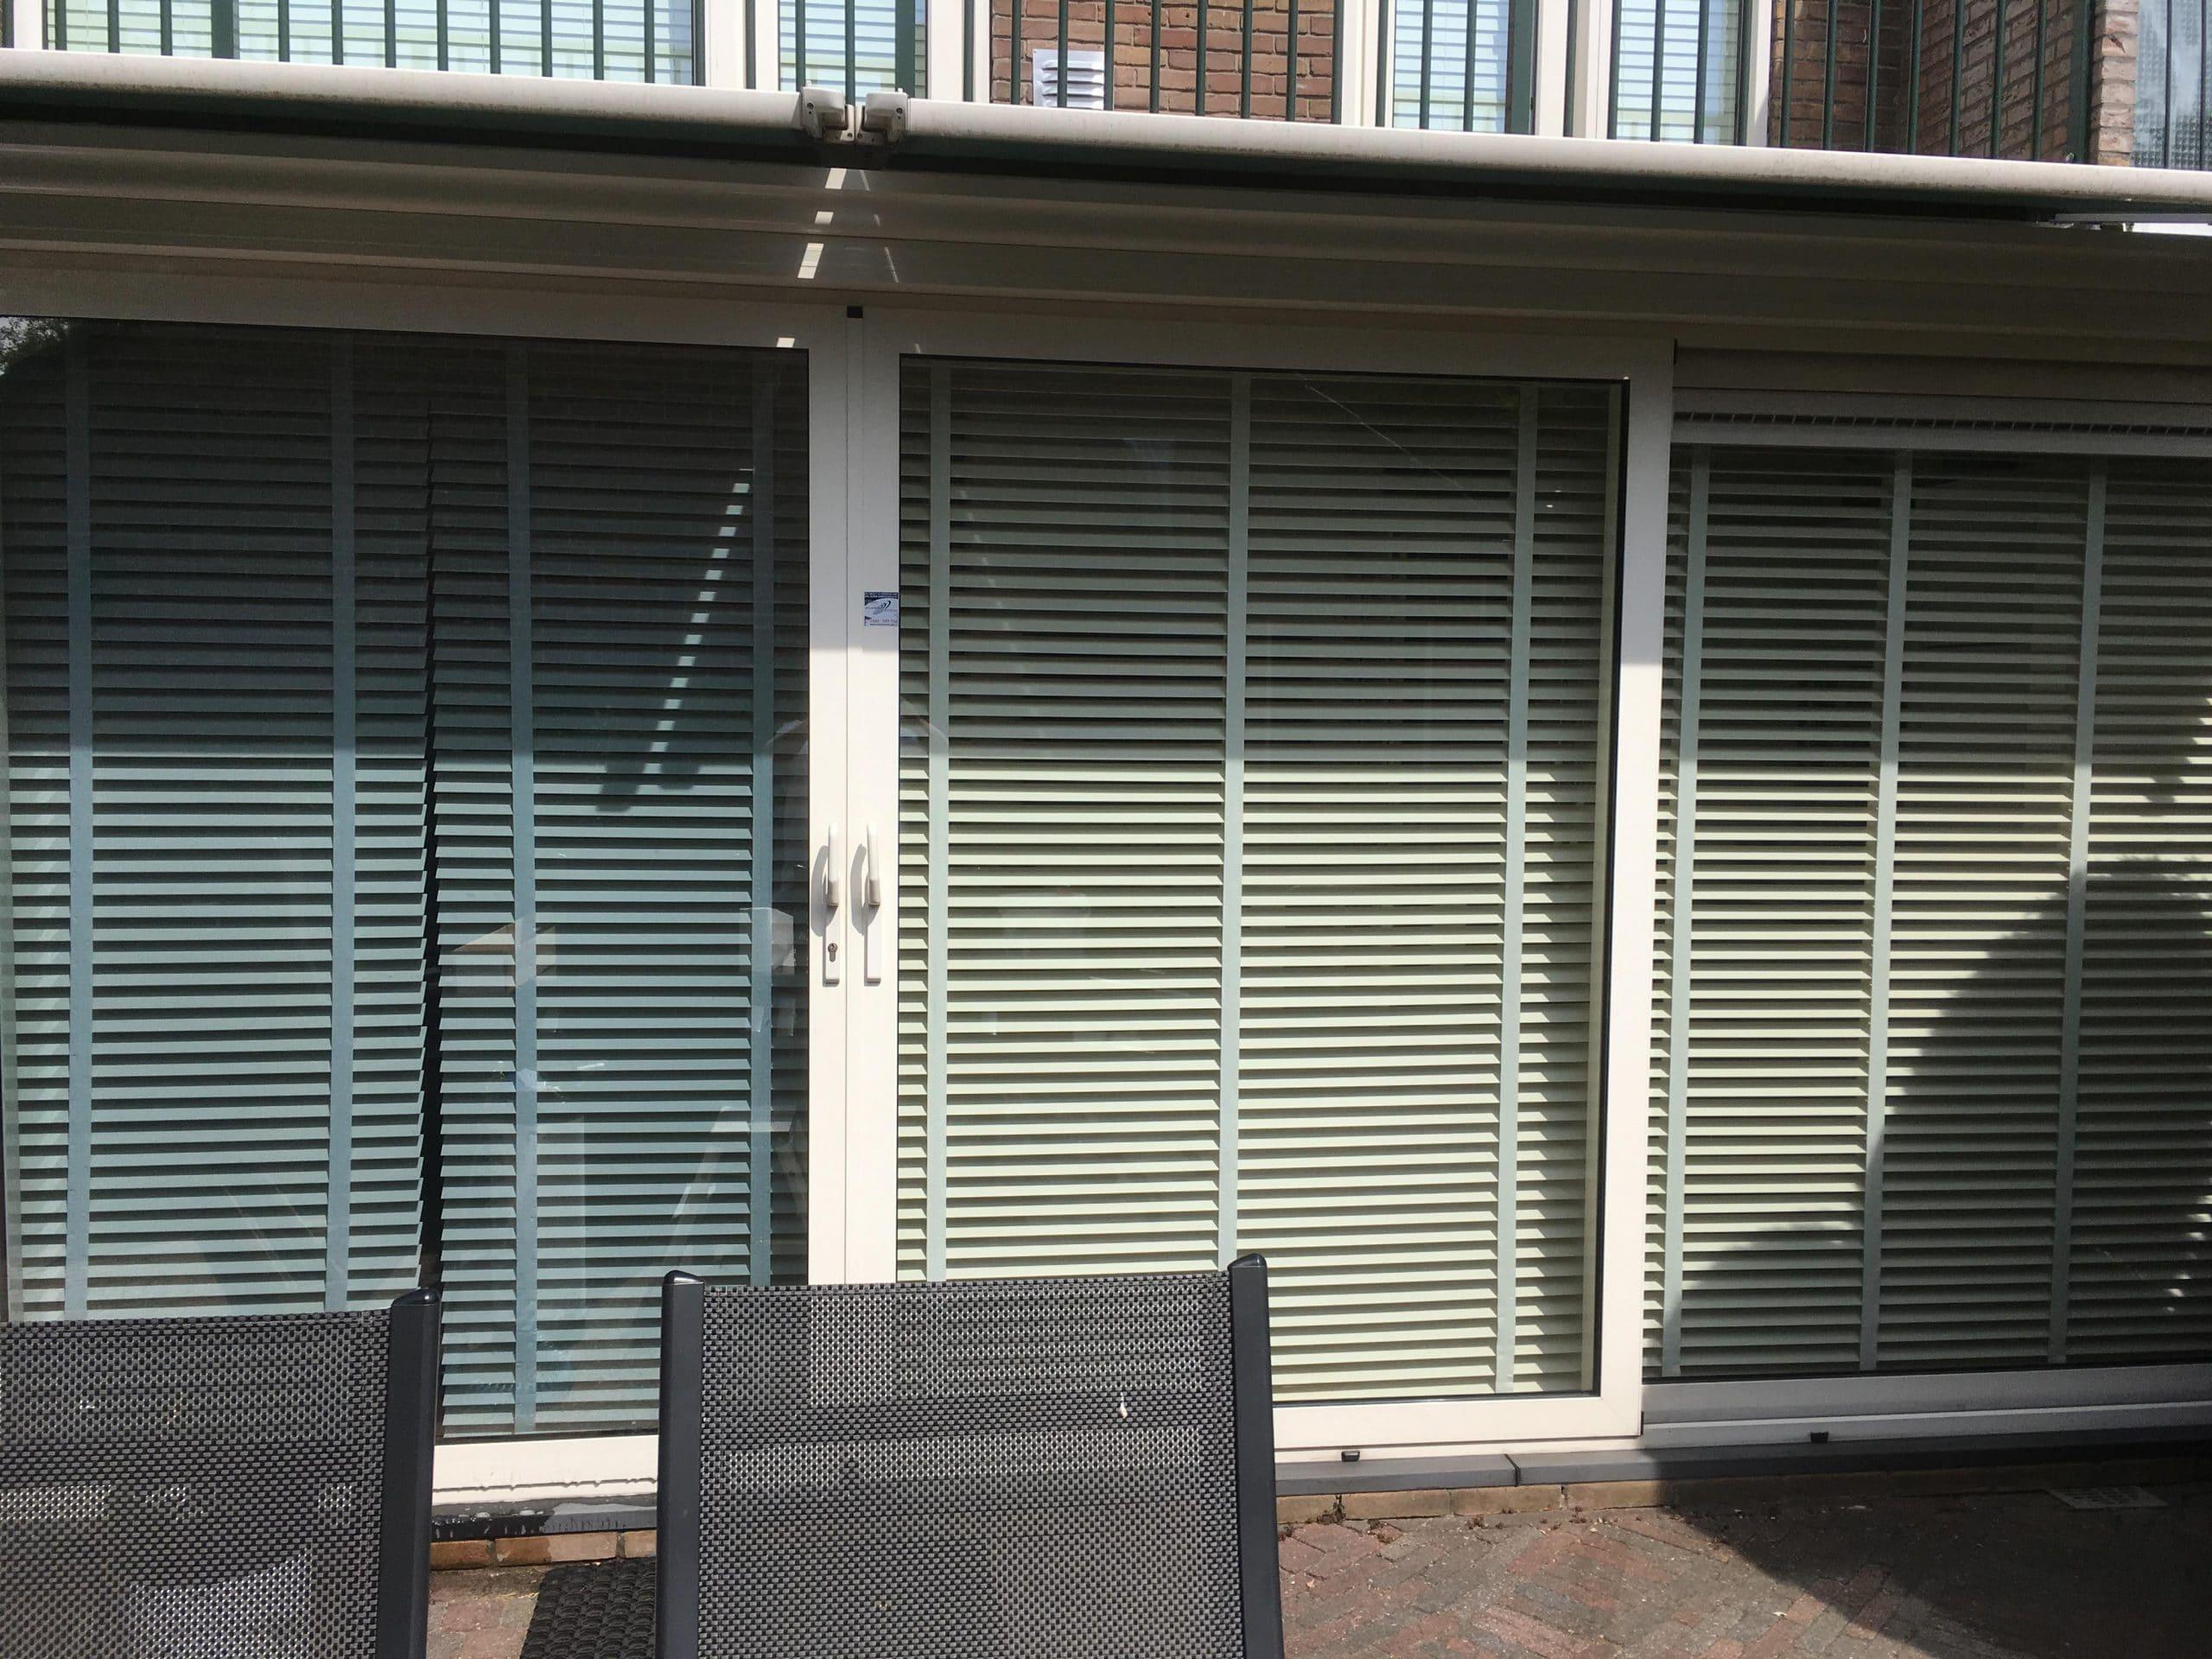 Particuliere woning voorzien van Sunblock OSX50 glasfolie met een zonnewarmte wering tot 64%